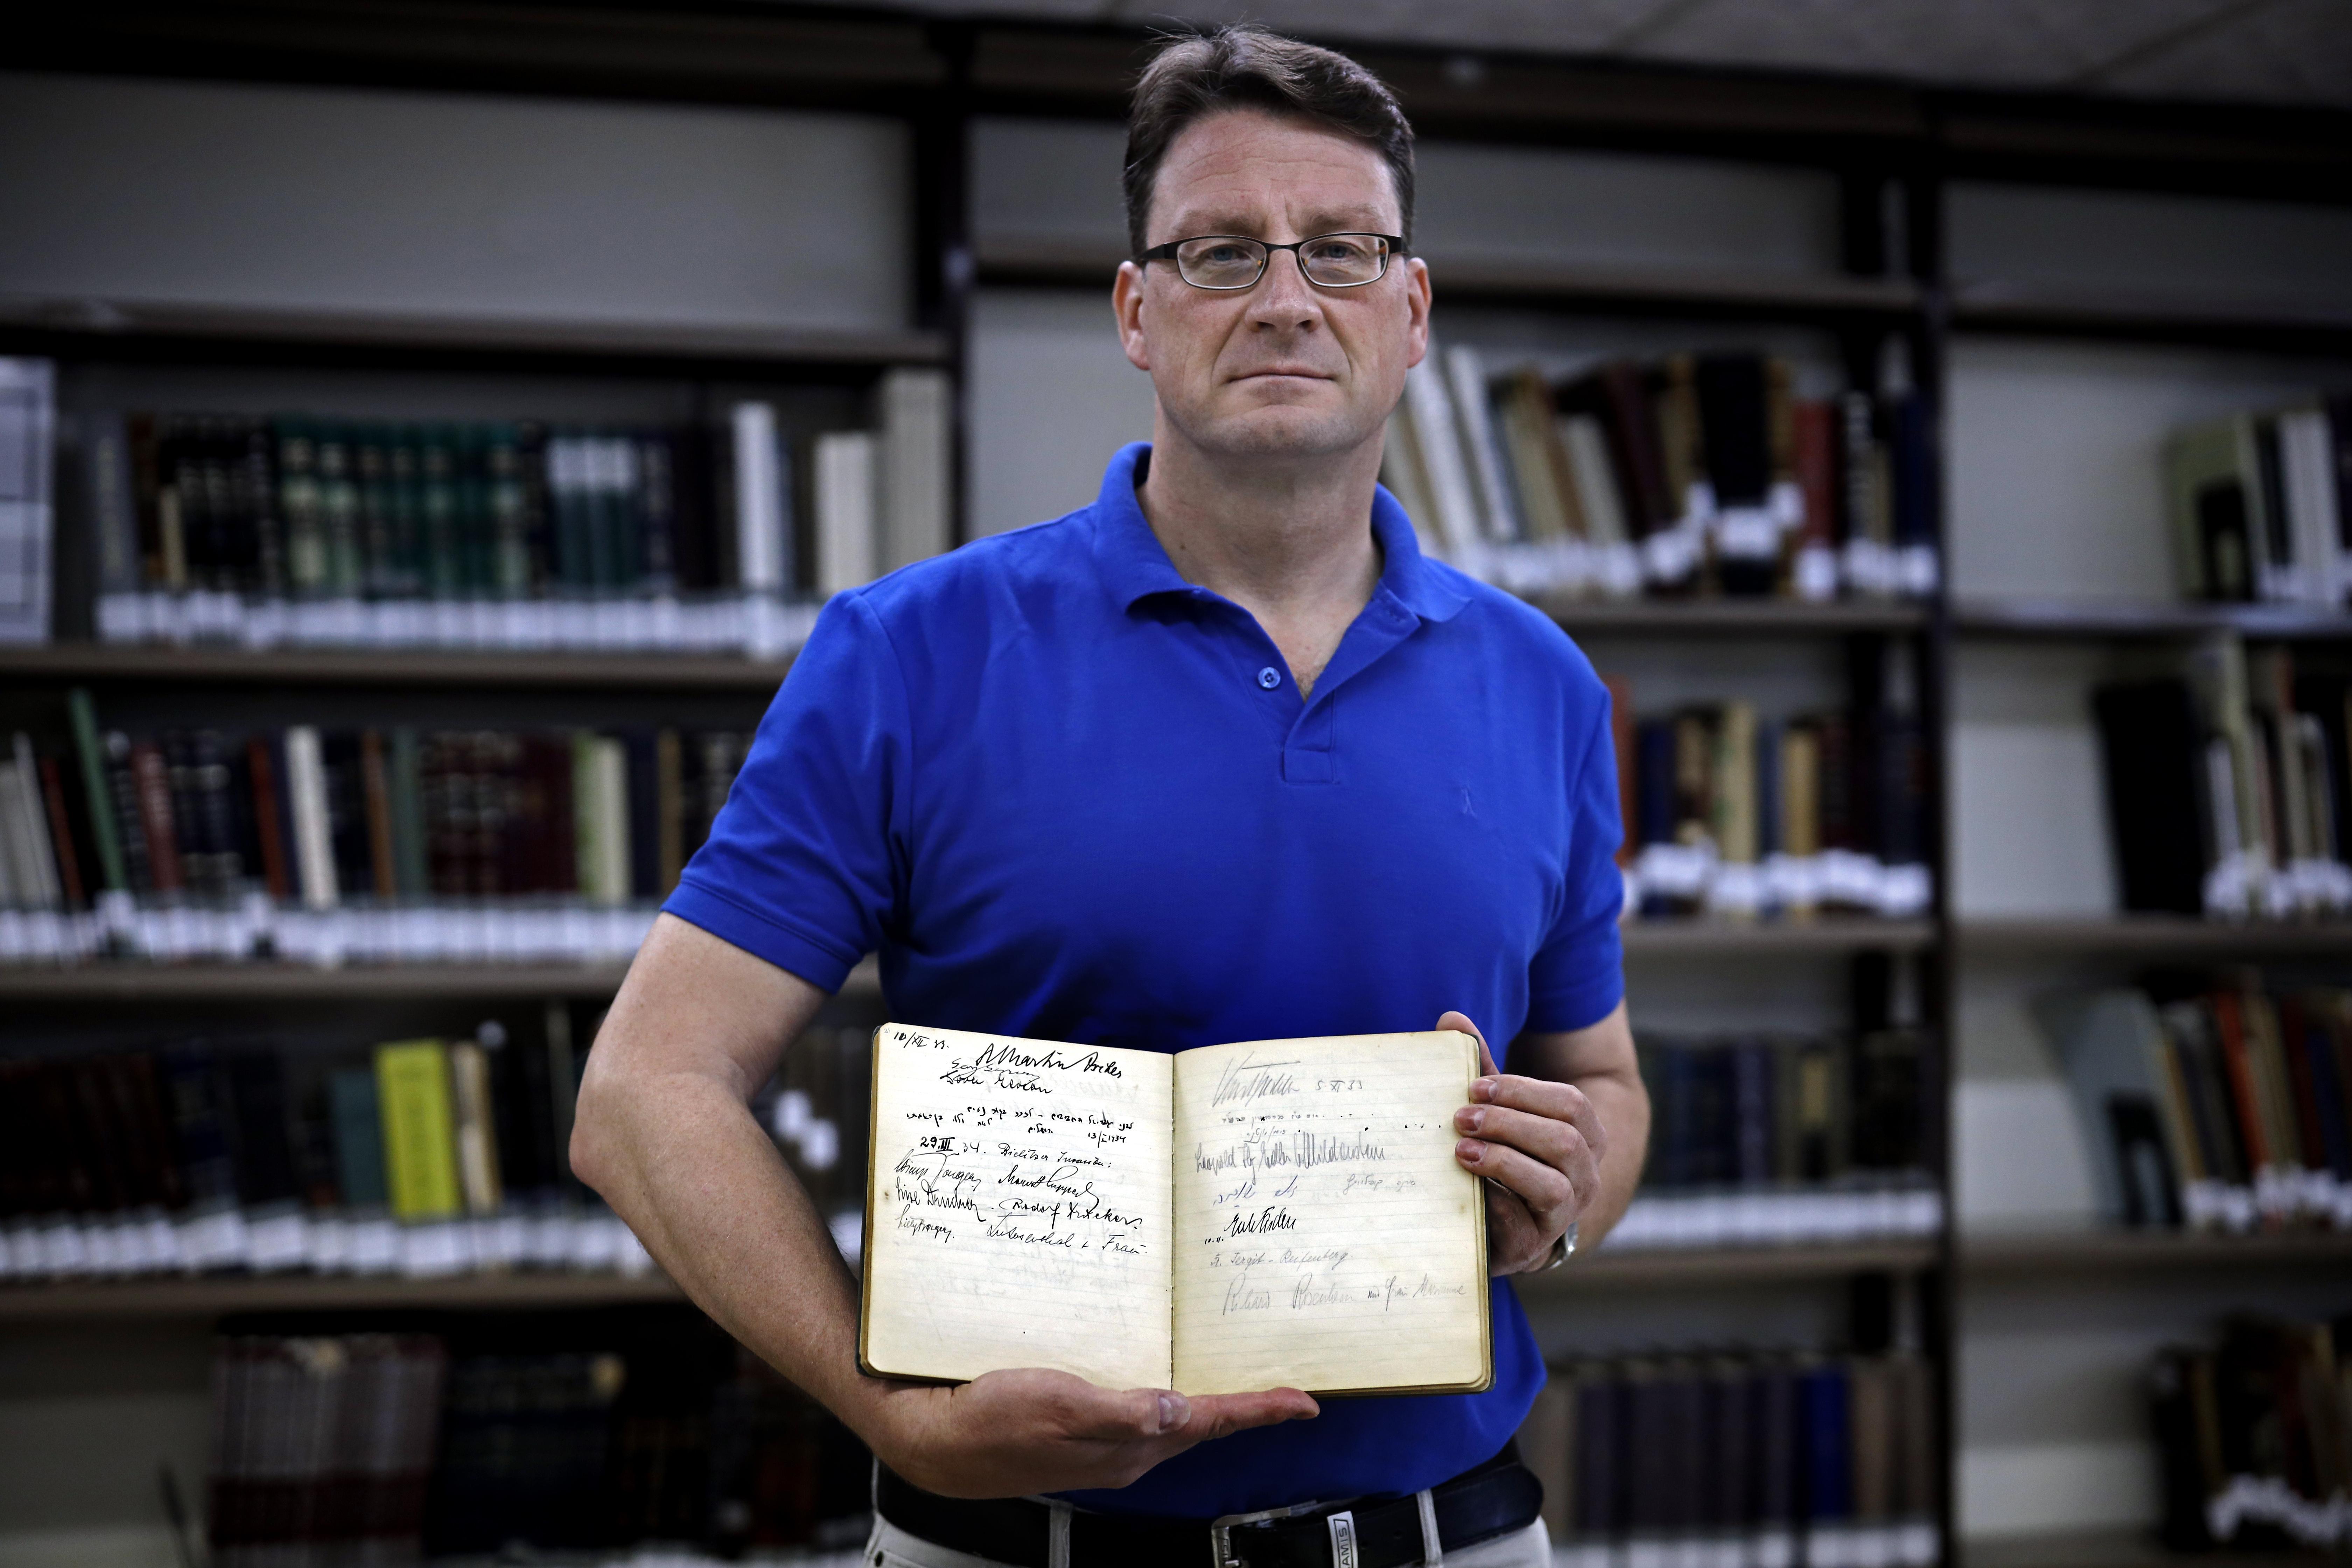 Leopold von Mildenstein náci vezető aláírását találták meg egy izraeli vendégkönyben